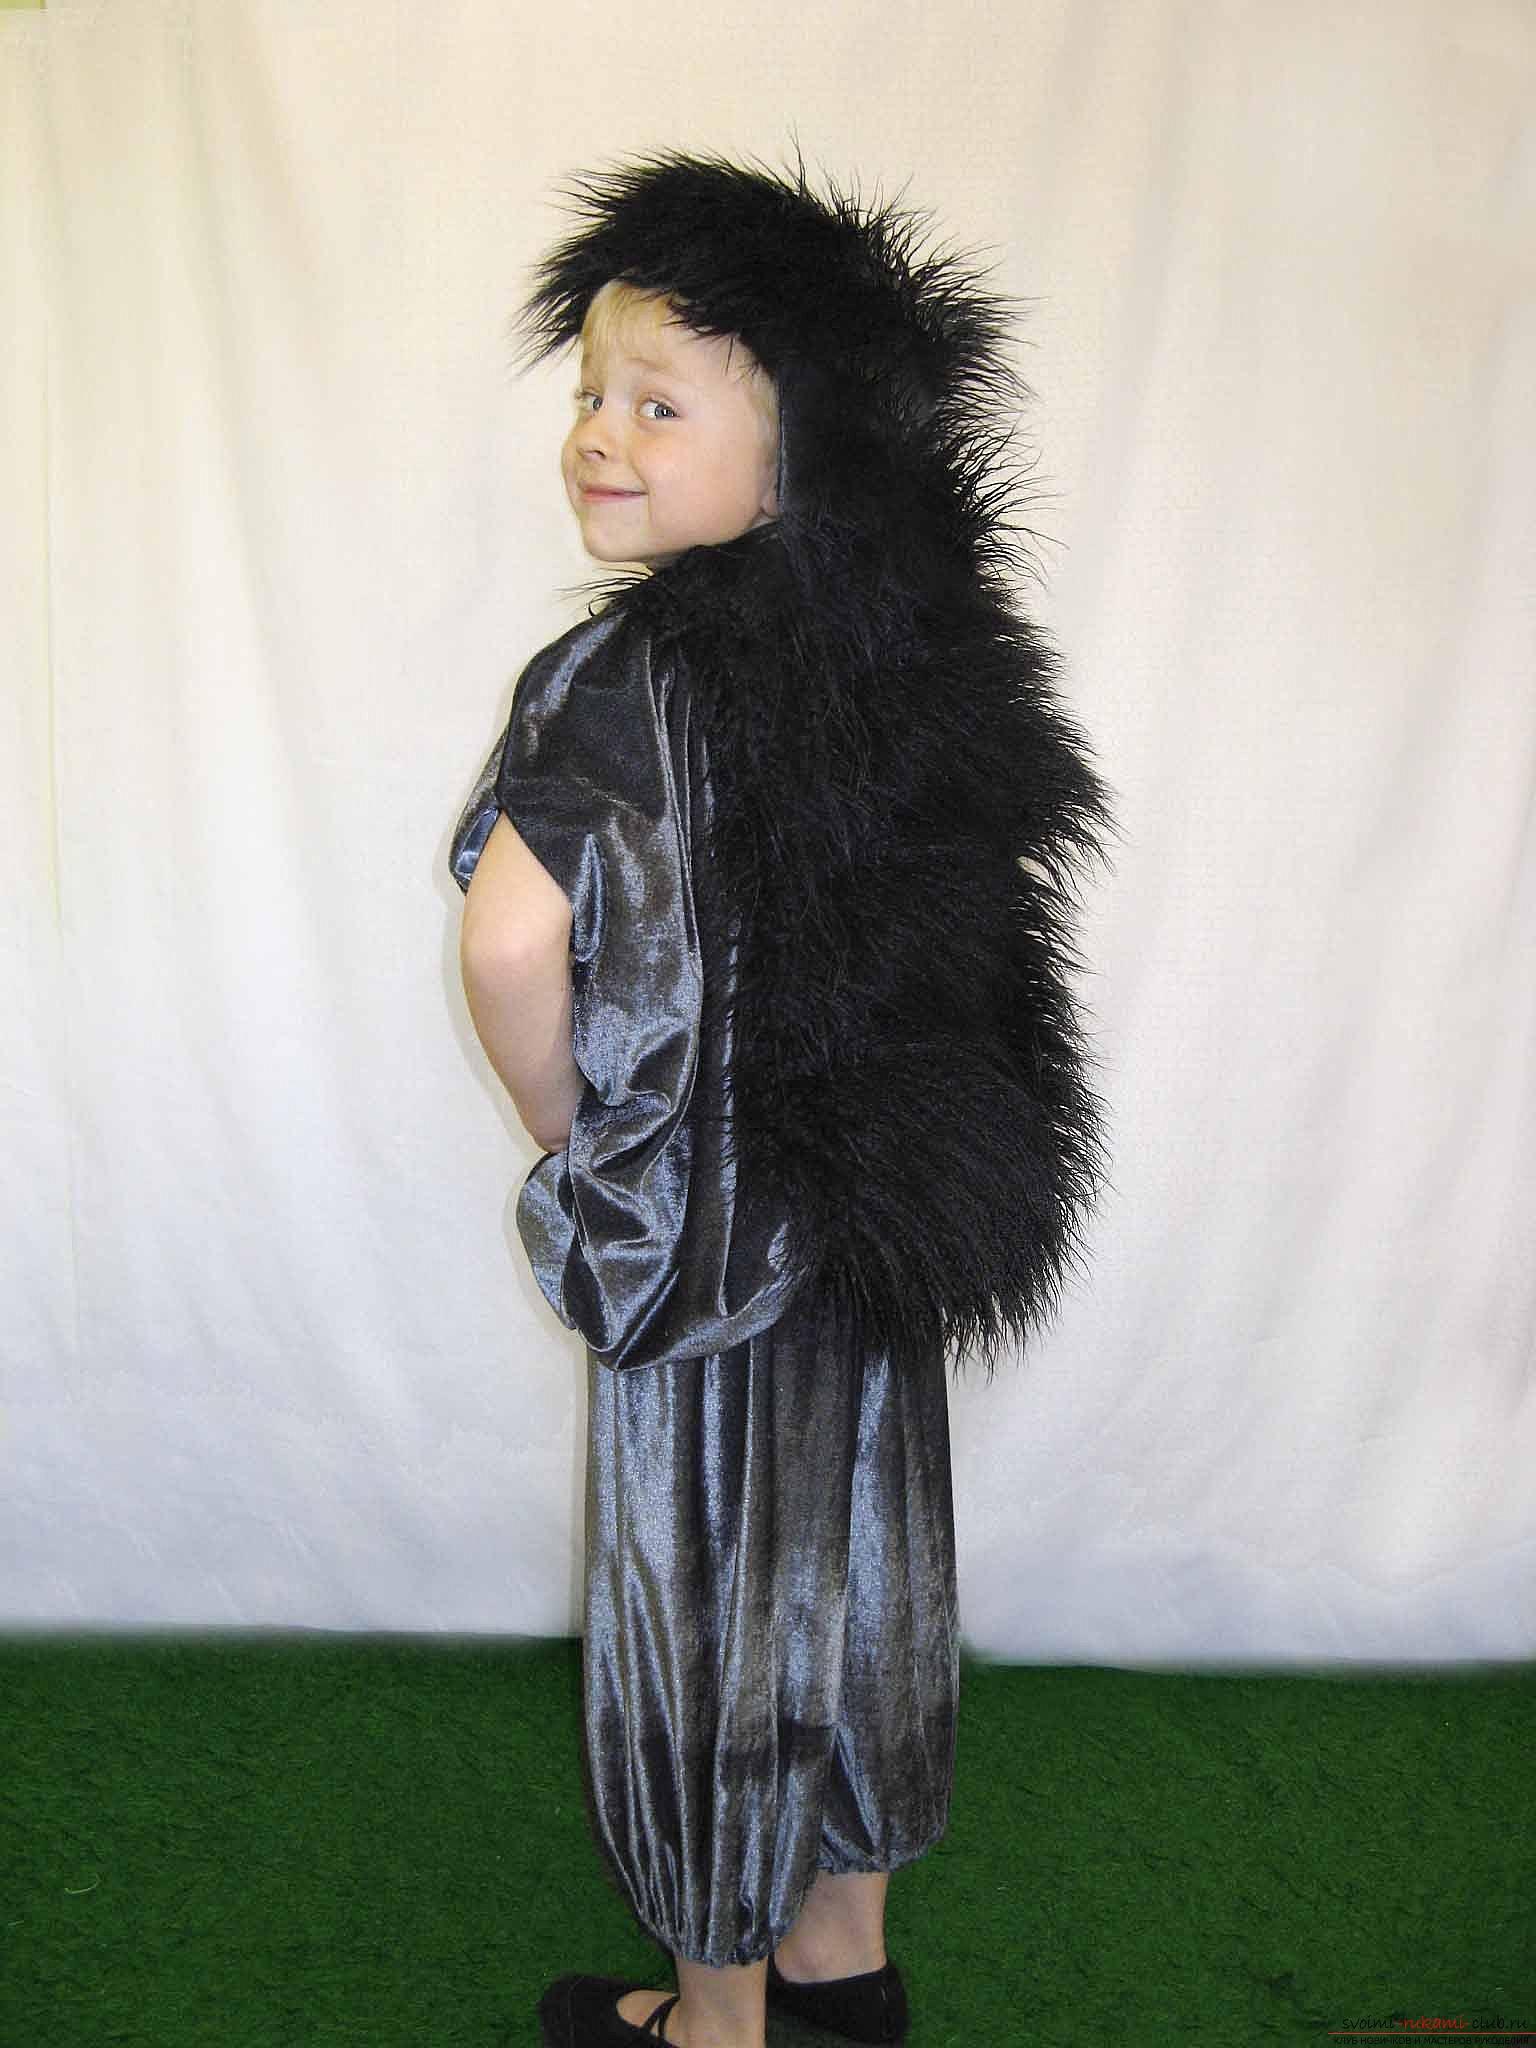 Как сделать костюм ёжика своими руками.</p> </div> <p> Уроки и фотографии для костюма.. Фото №1″ width=»600″/> </p> <p><strong>Костюм ёжика</strong> может подойти не только для праздника осени, но и для того, чтобы отметить детские утренники на другие тематики. Итак, нужно продумать интересную <strong>идею костюма Ёжика</strong>.</p> <p> Для того, чтобы создать подобие ёжика, необходимо изобрести накидку. Сделать такую накидку достаточно просто.</p> <p> Накидка с иголками делается при помощи вельветовой ткани, которая <strong>состоит из темно-серого цвета</strong>.</p> <p> В основе накидки используется капюшон курточки, который подходит для ребенка.</p> <p> Изделеие меряется по росту вашего ребенка.</p> <p><div style=